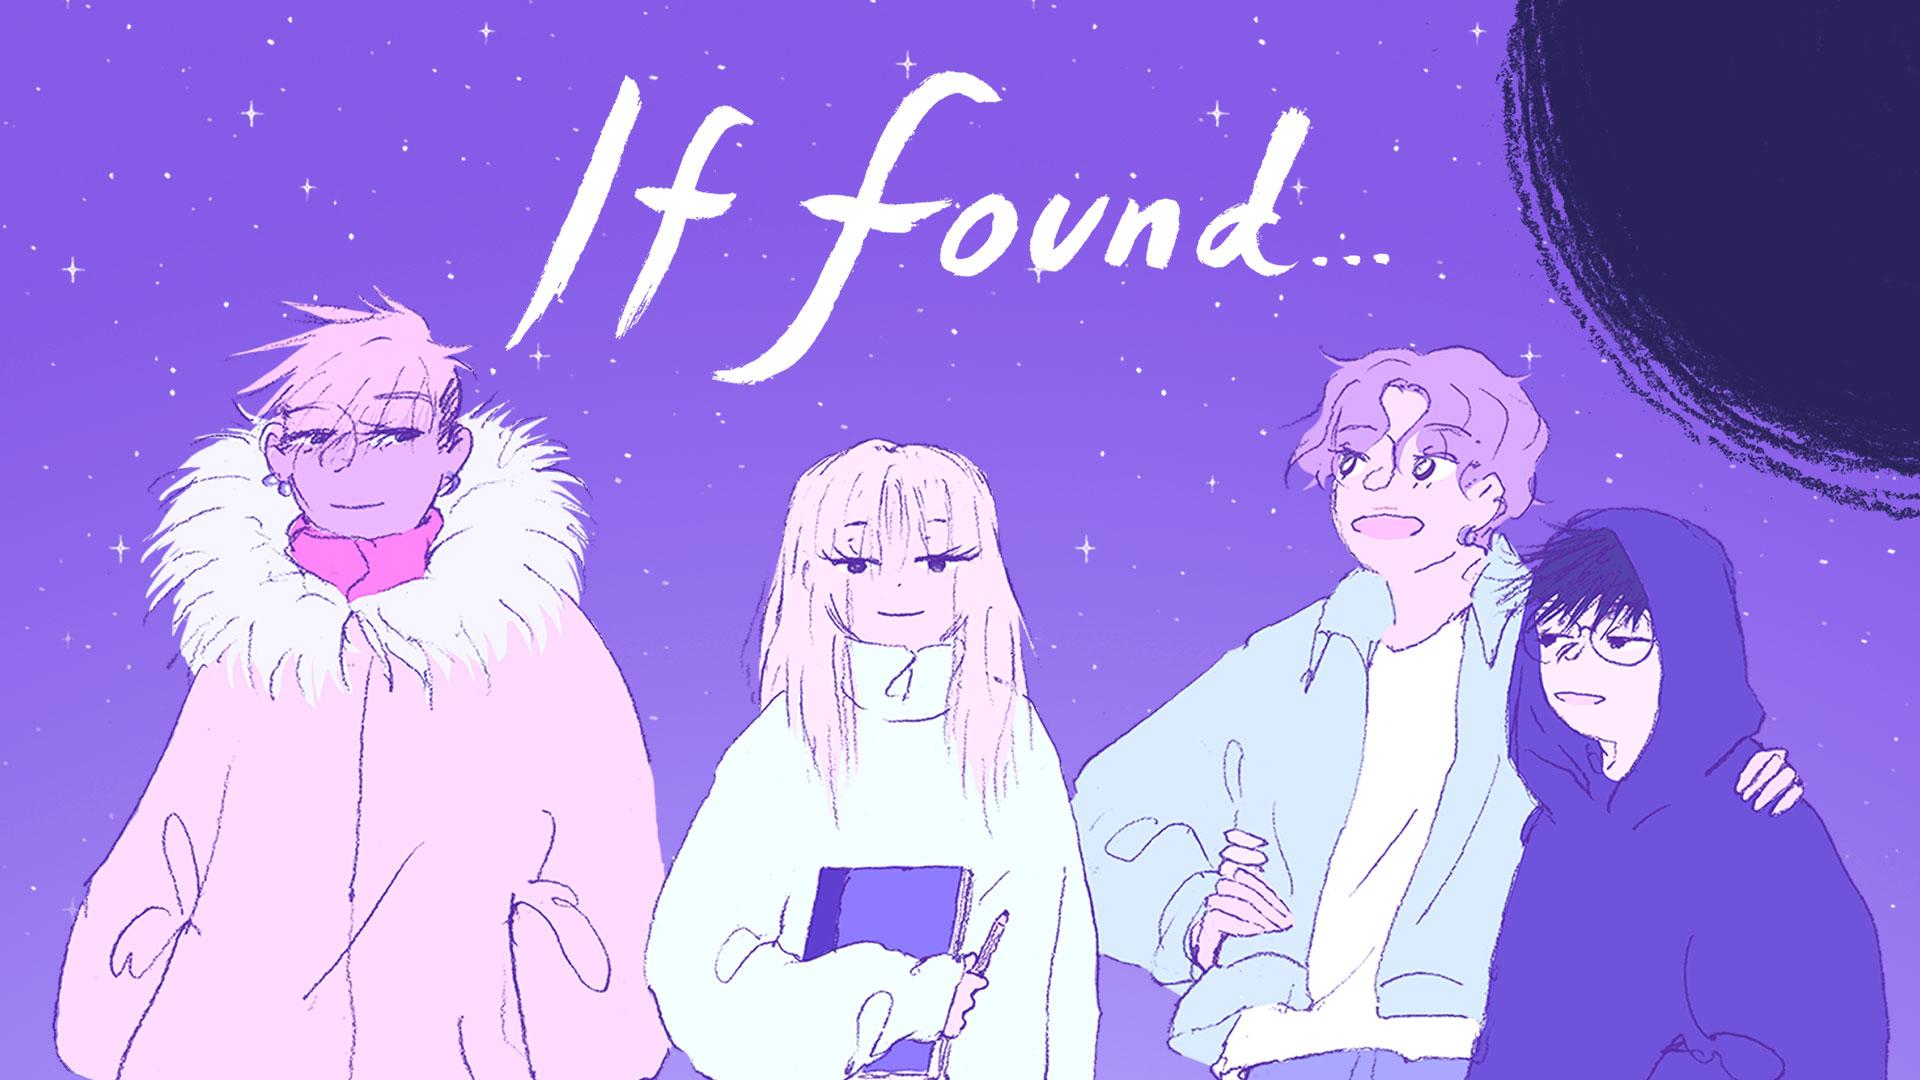 if found | Tekno Deha